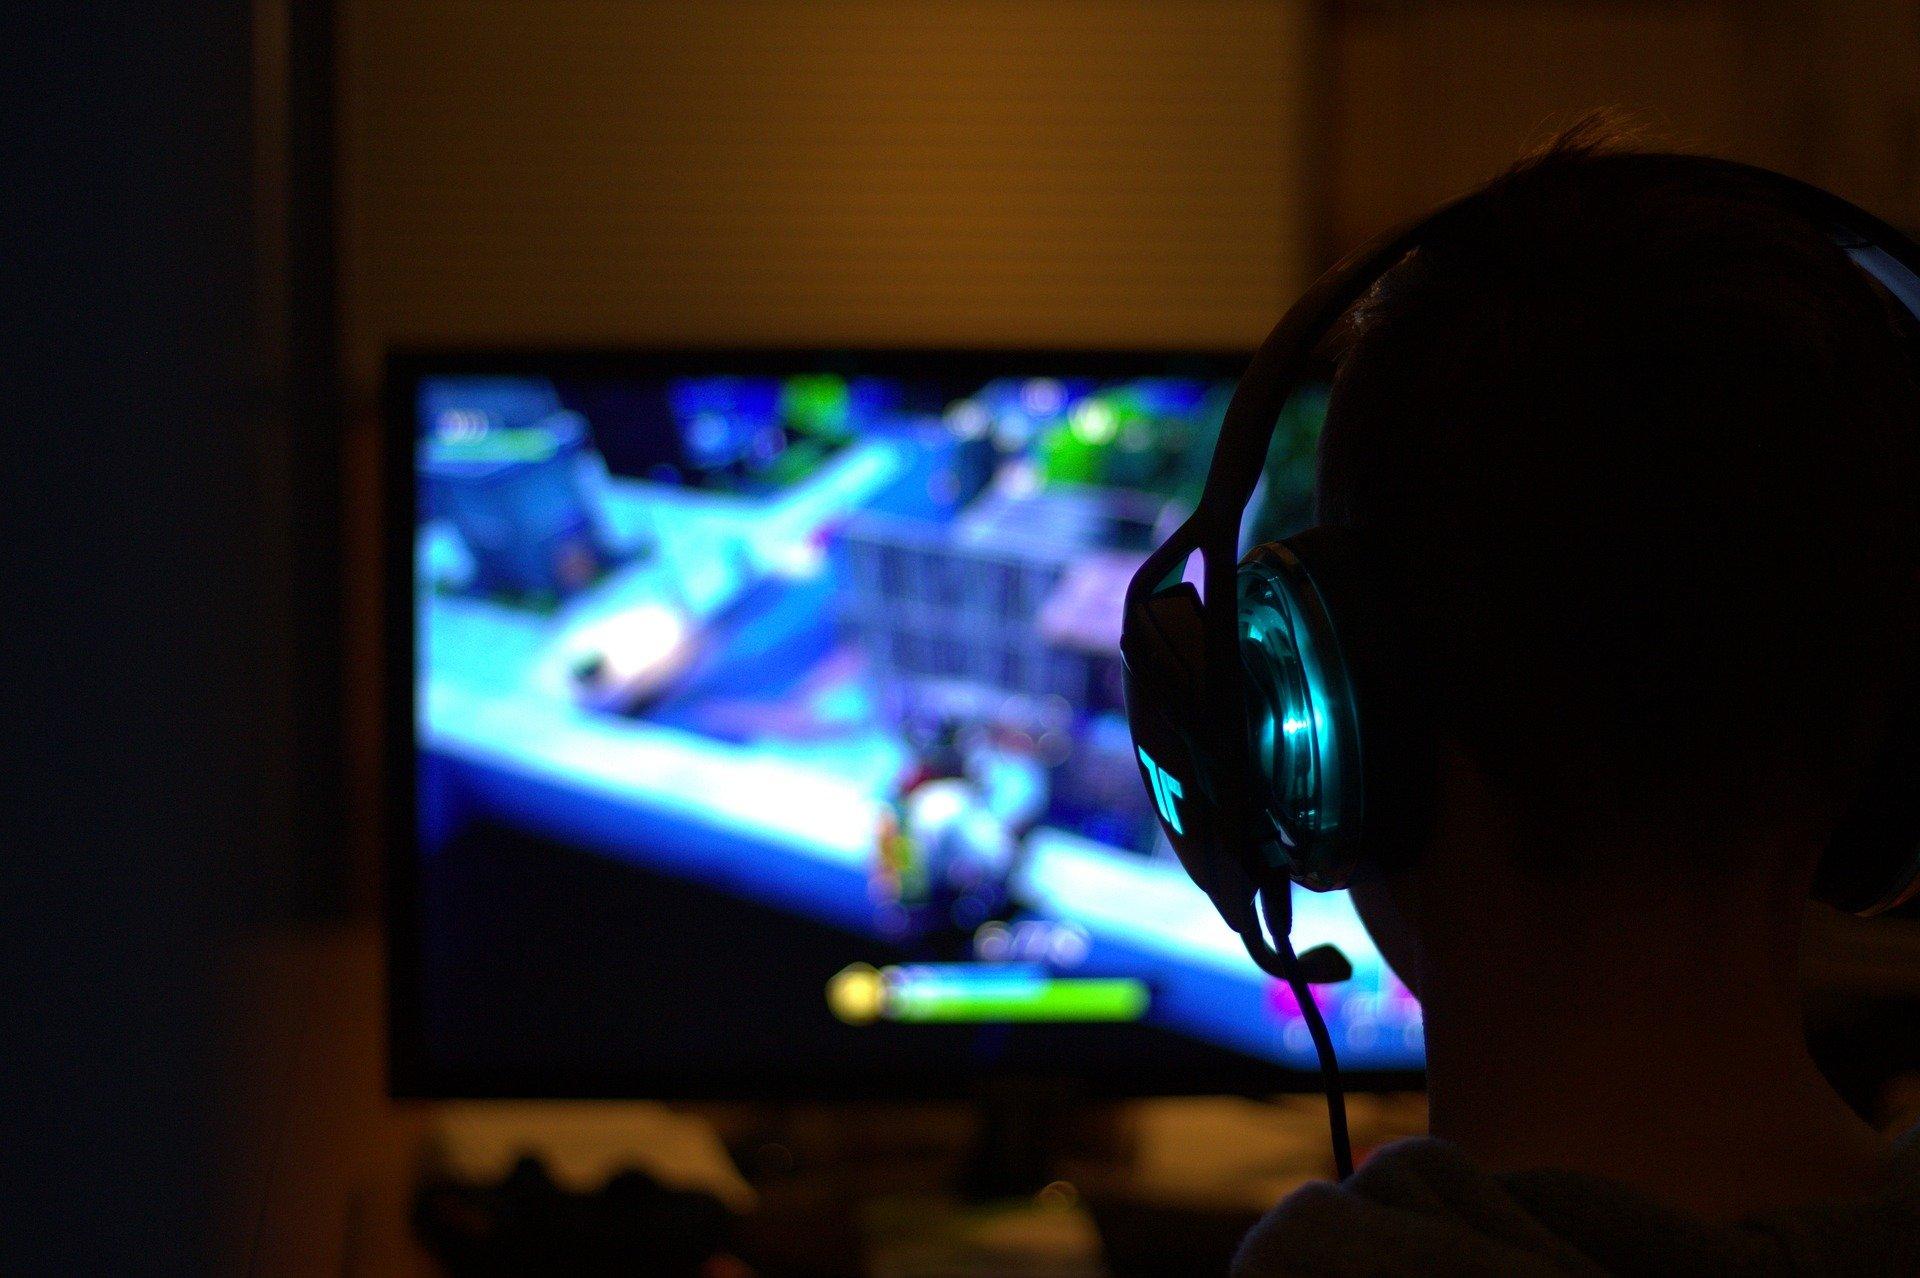 Henkilö, jolla on pelikuulokkeet päässä kuvattuna takaapäin. Henkilön edessä on tietokoneen näyttö, jossa näkyy sumeasti henkilön pelaama tietokonepeli. Kuvaa blogia aiheesta nuorisotyö pelikulttuurissa.